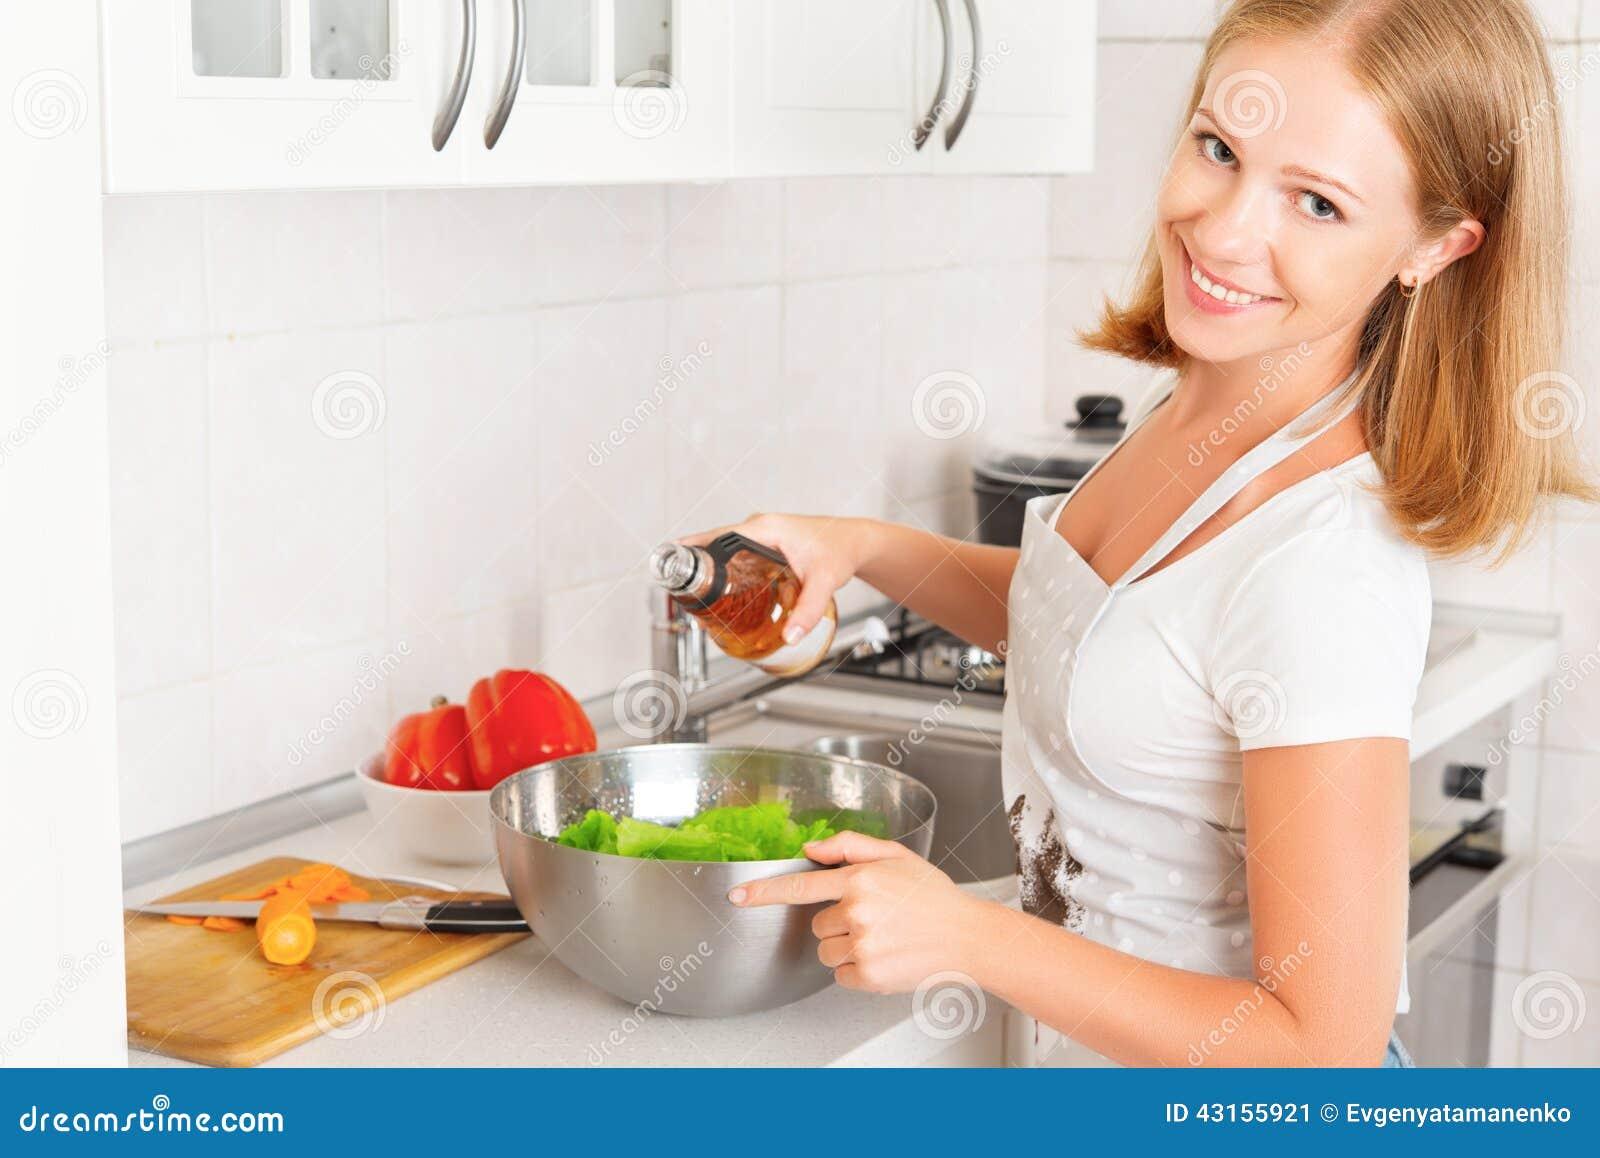 maestría femenina ama de casa